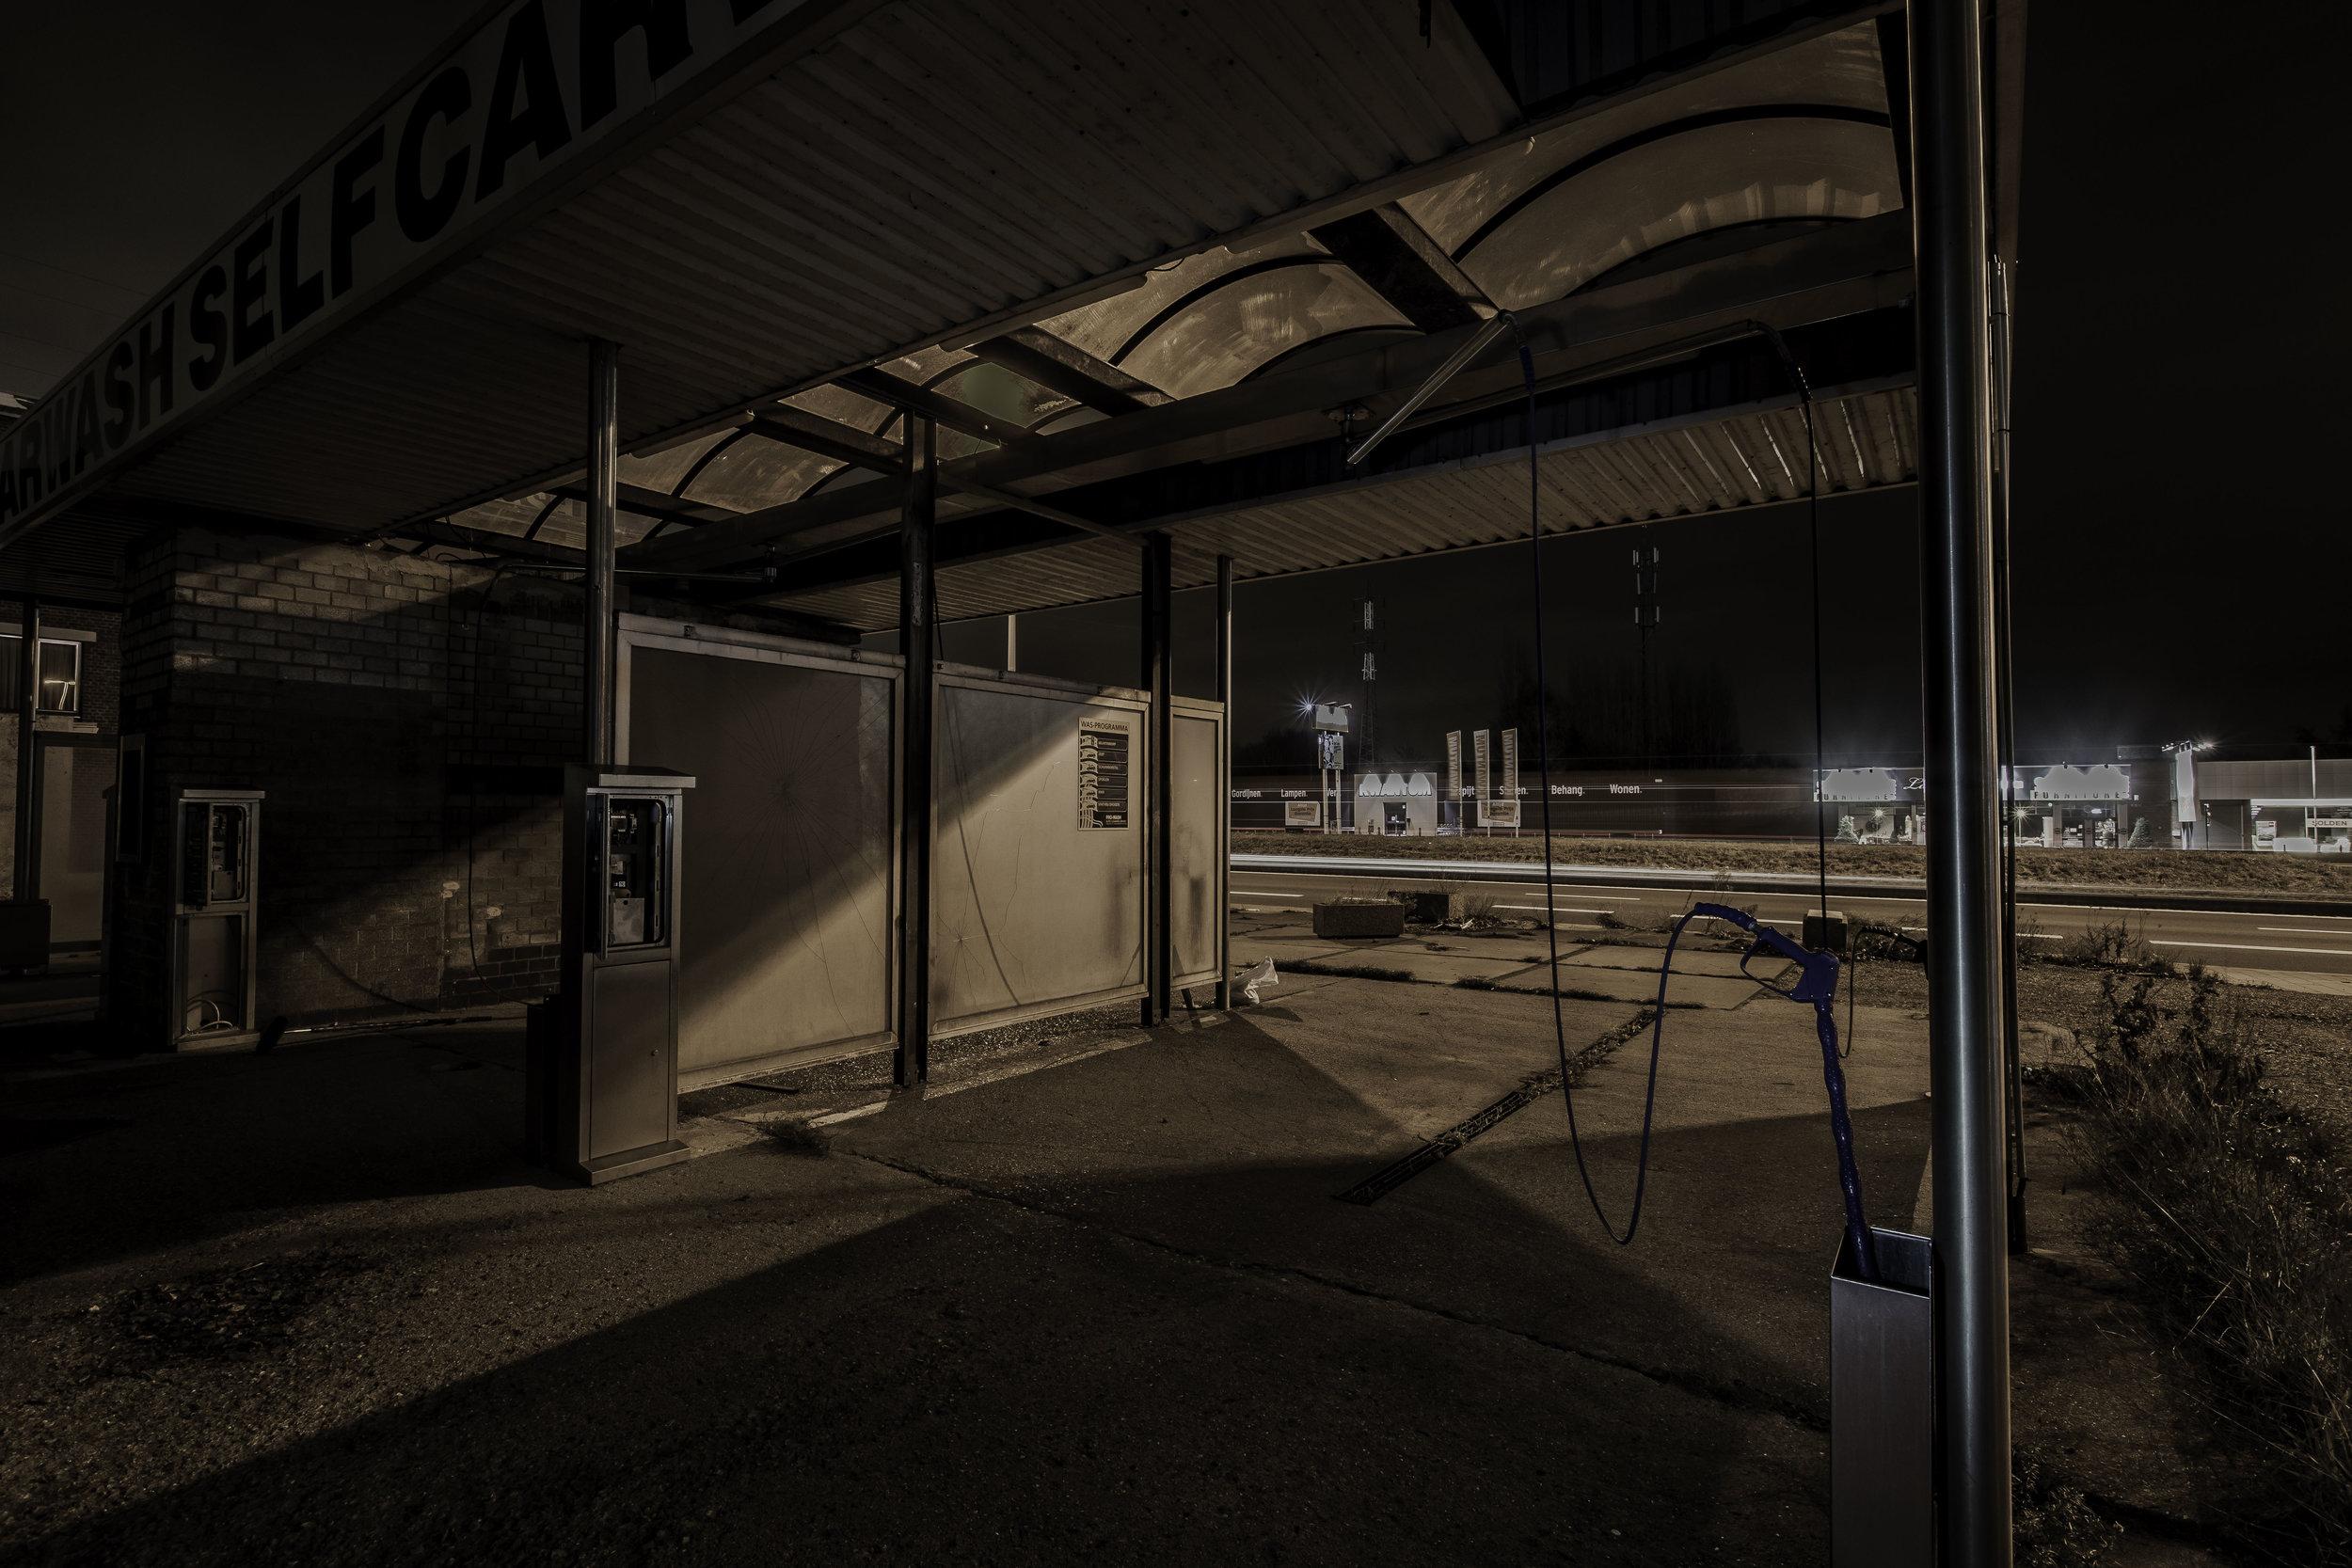 viewfinder-creativeboody-sven-van-santvliet-urbexfotografie-antwerpen-nachtfotografie-avondfotografie-verlaten-gebouwen-11